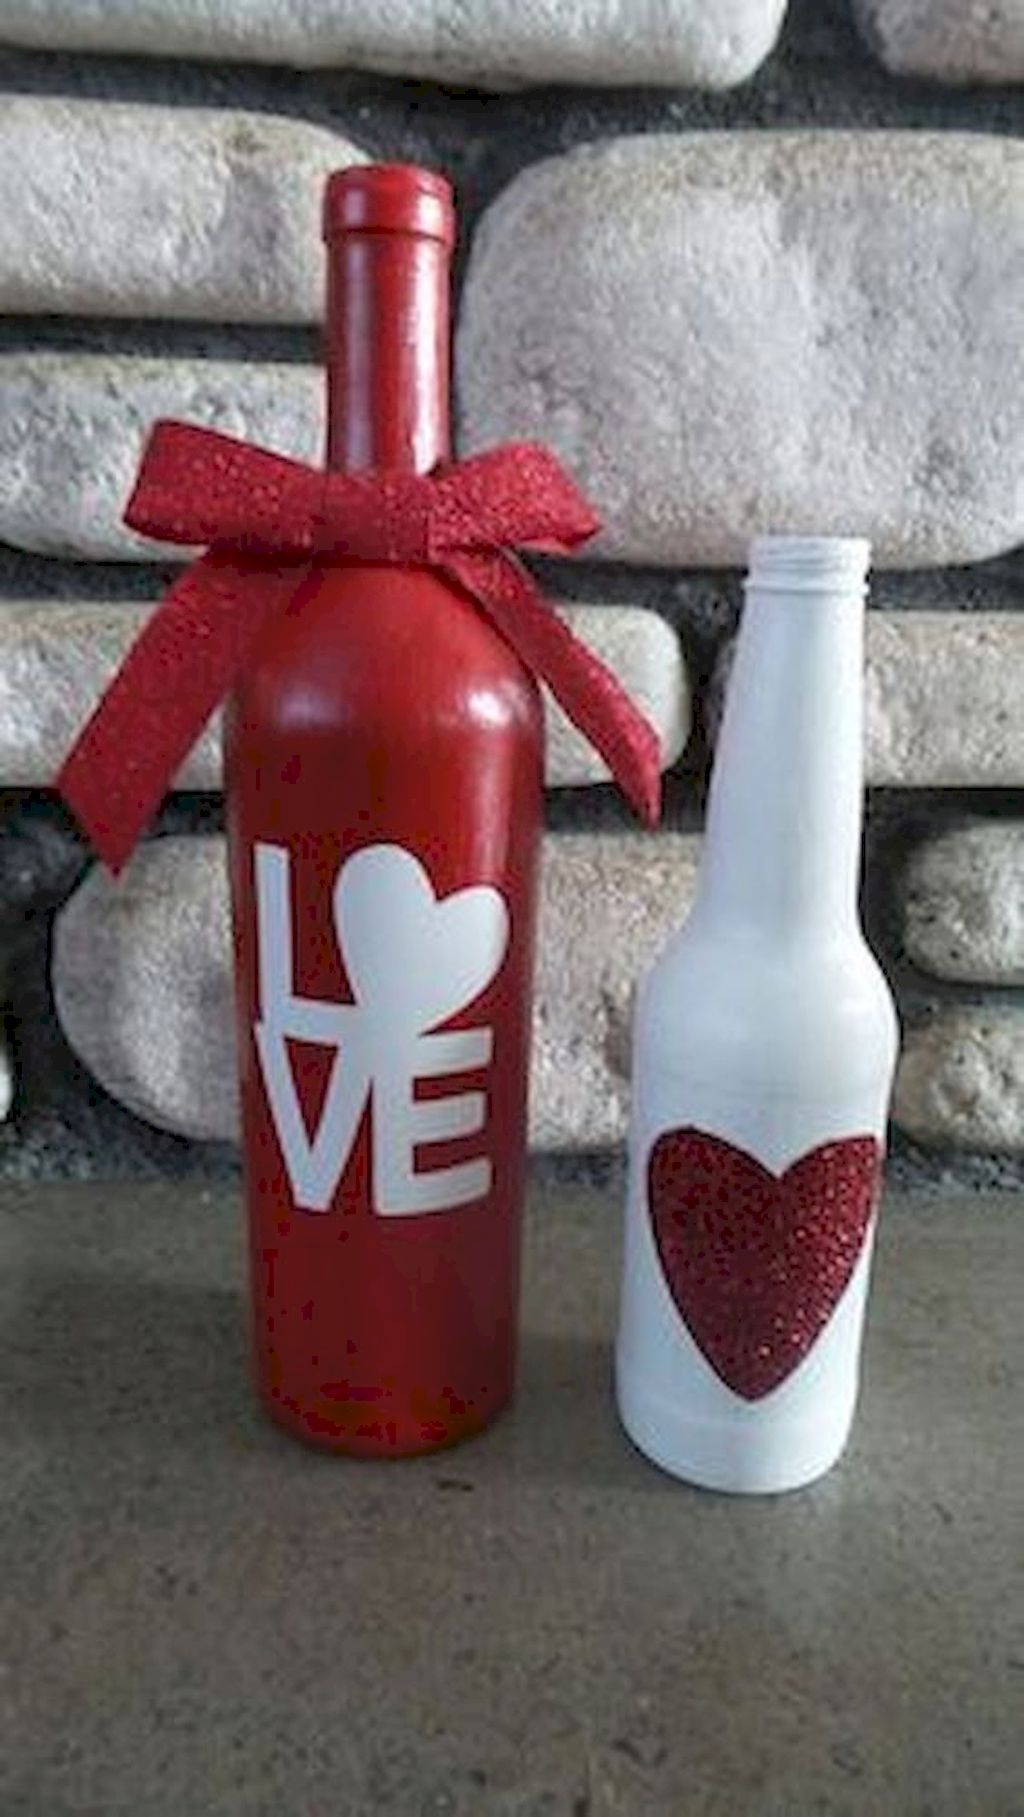 Valentinesday Outfit 50 Romantische Valentinstag Dekor Ideen 50 Romantische Valentinstag D In 2020 Weinflaschen Basteleien Basteln Mit Flaschen Valentinstag Dekoration